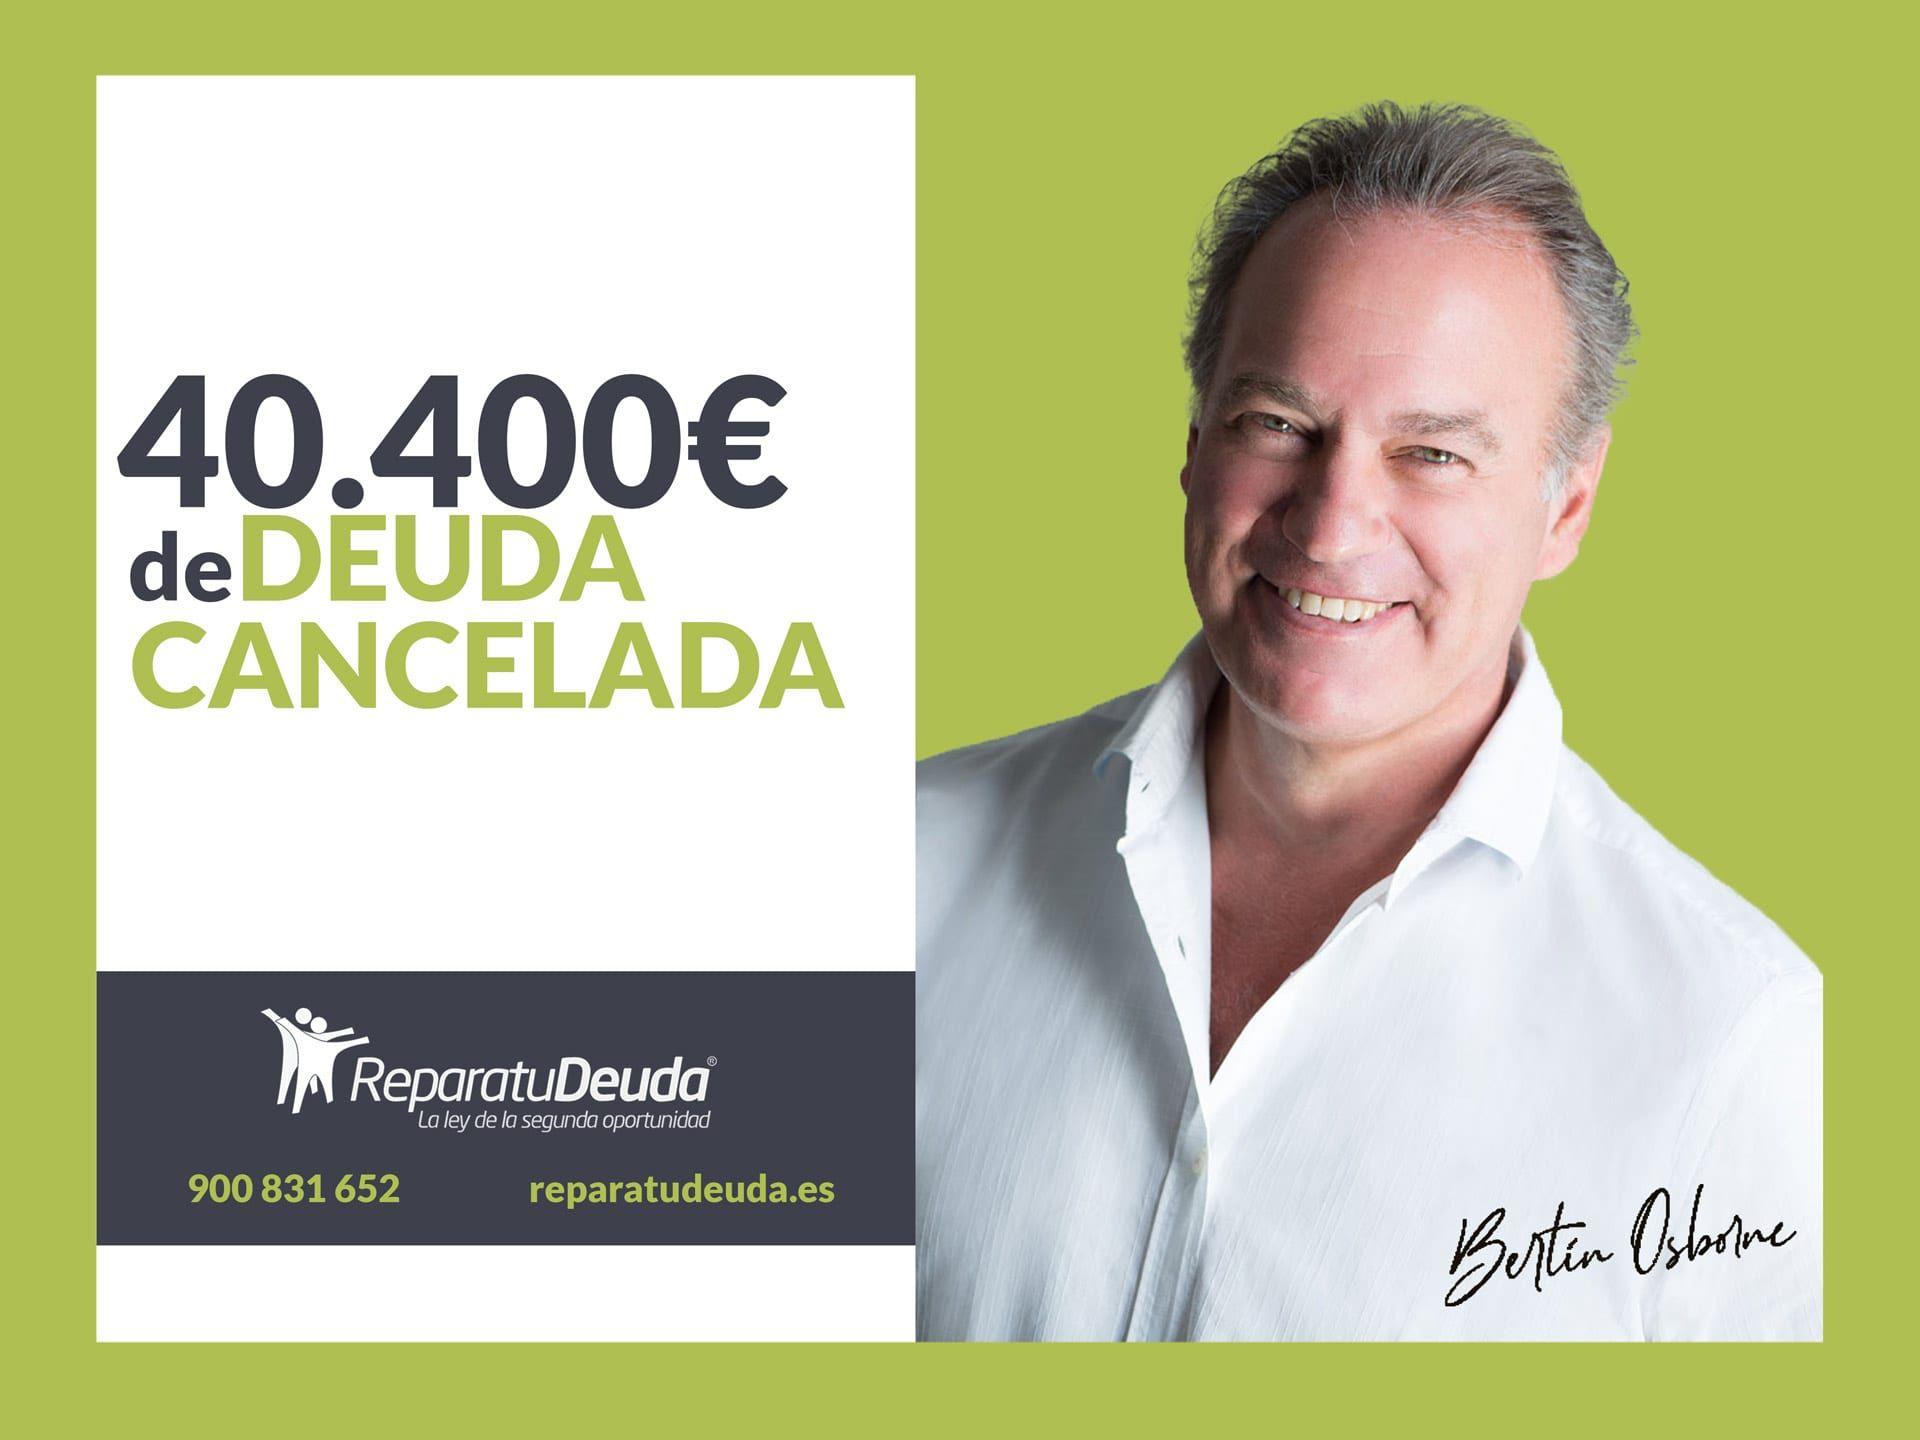 Repara tu Deuda abogados cancela 40.400€ en La Rioja (Logroño) con la Ley de Segunda Oportunidad